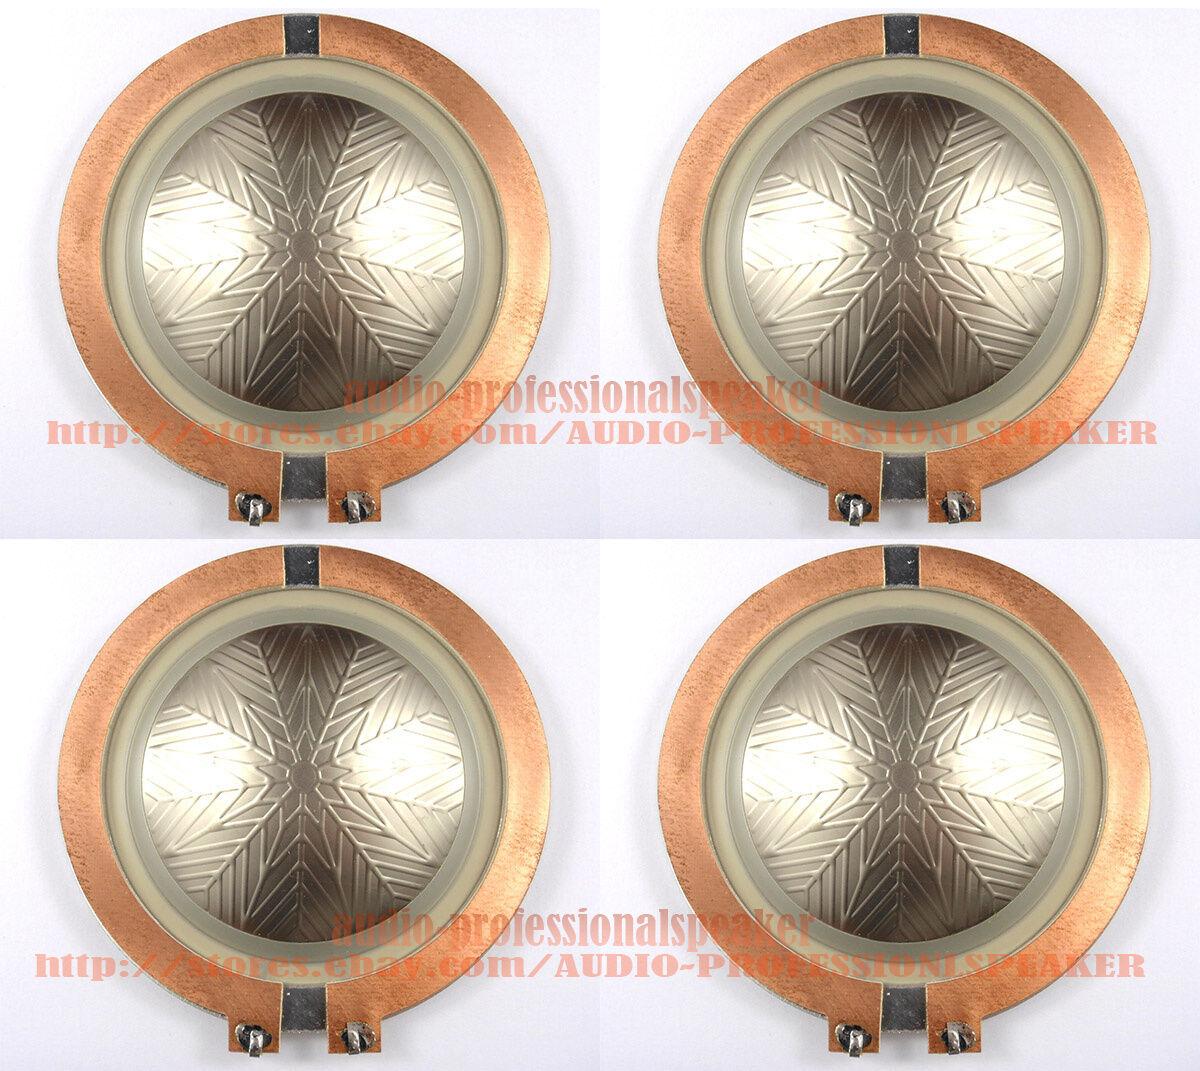 4pcs Diaphragm For JBL Selenium D3300Ti 16 Ohm RPD3300Ti, D3305Ti & D3500Ti